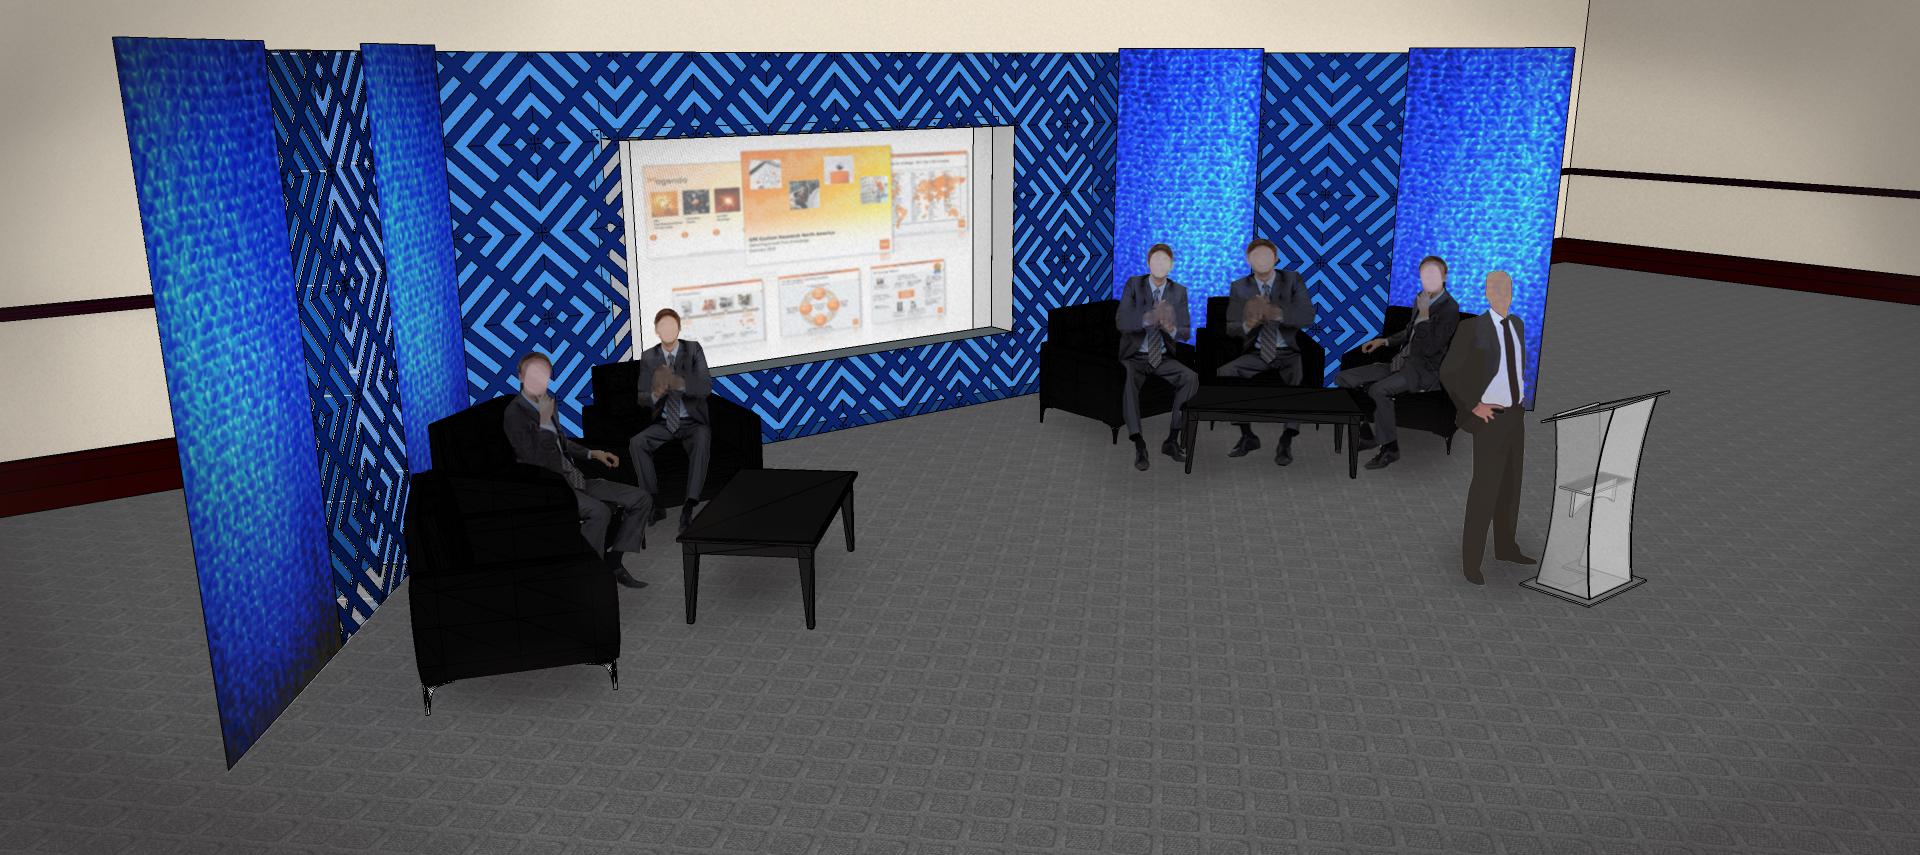 Live-streaming-event-AV4.jpg